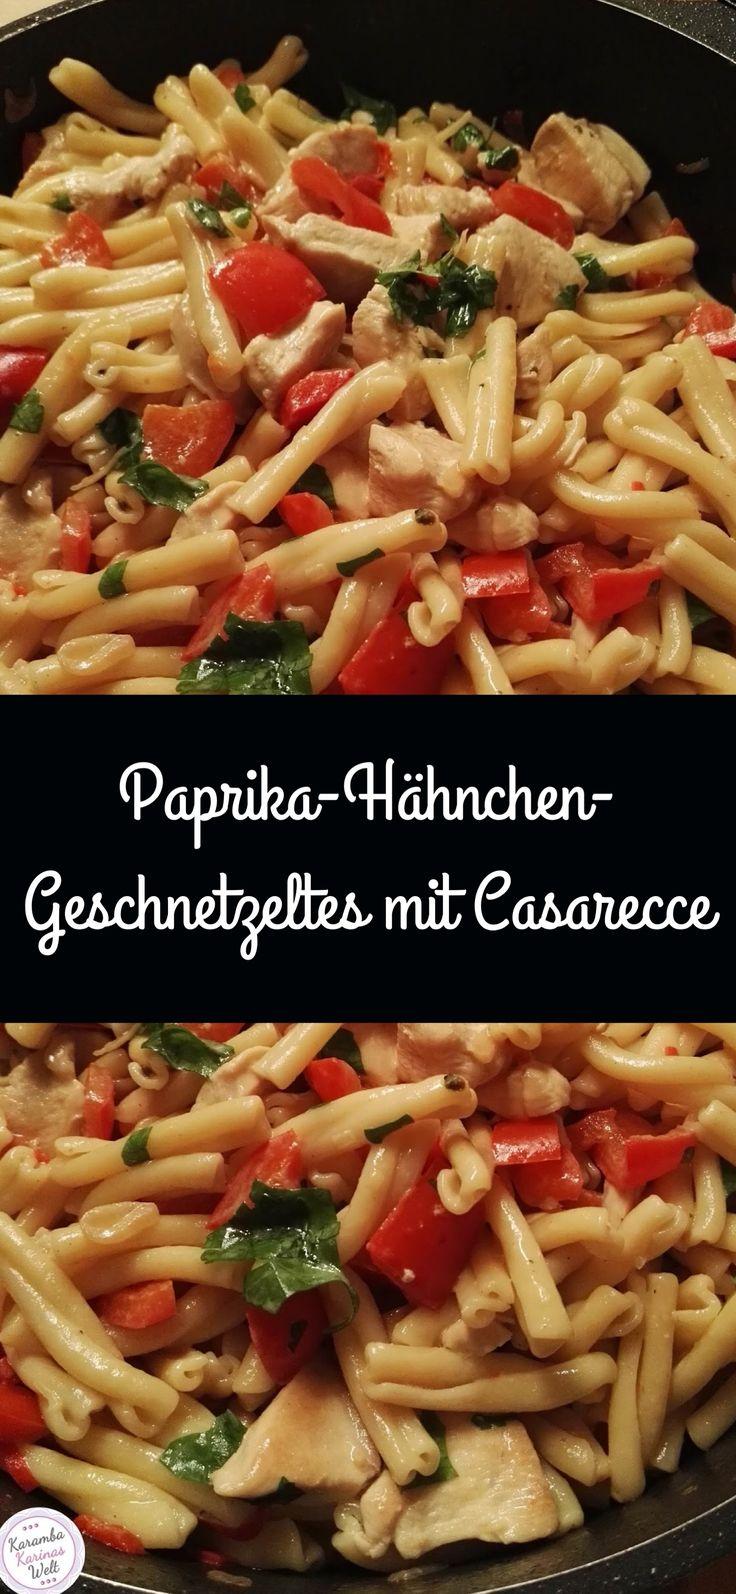 Paprikahähnchen mit Casarecce in Scheiben geschnitten   – Kochen mit Karambakarina's Welt